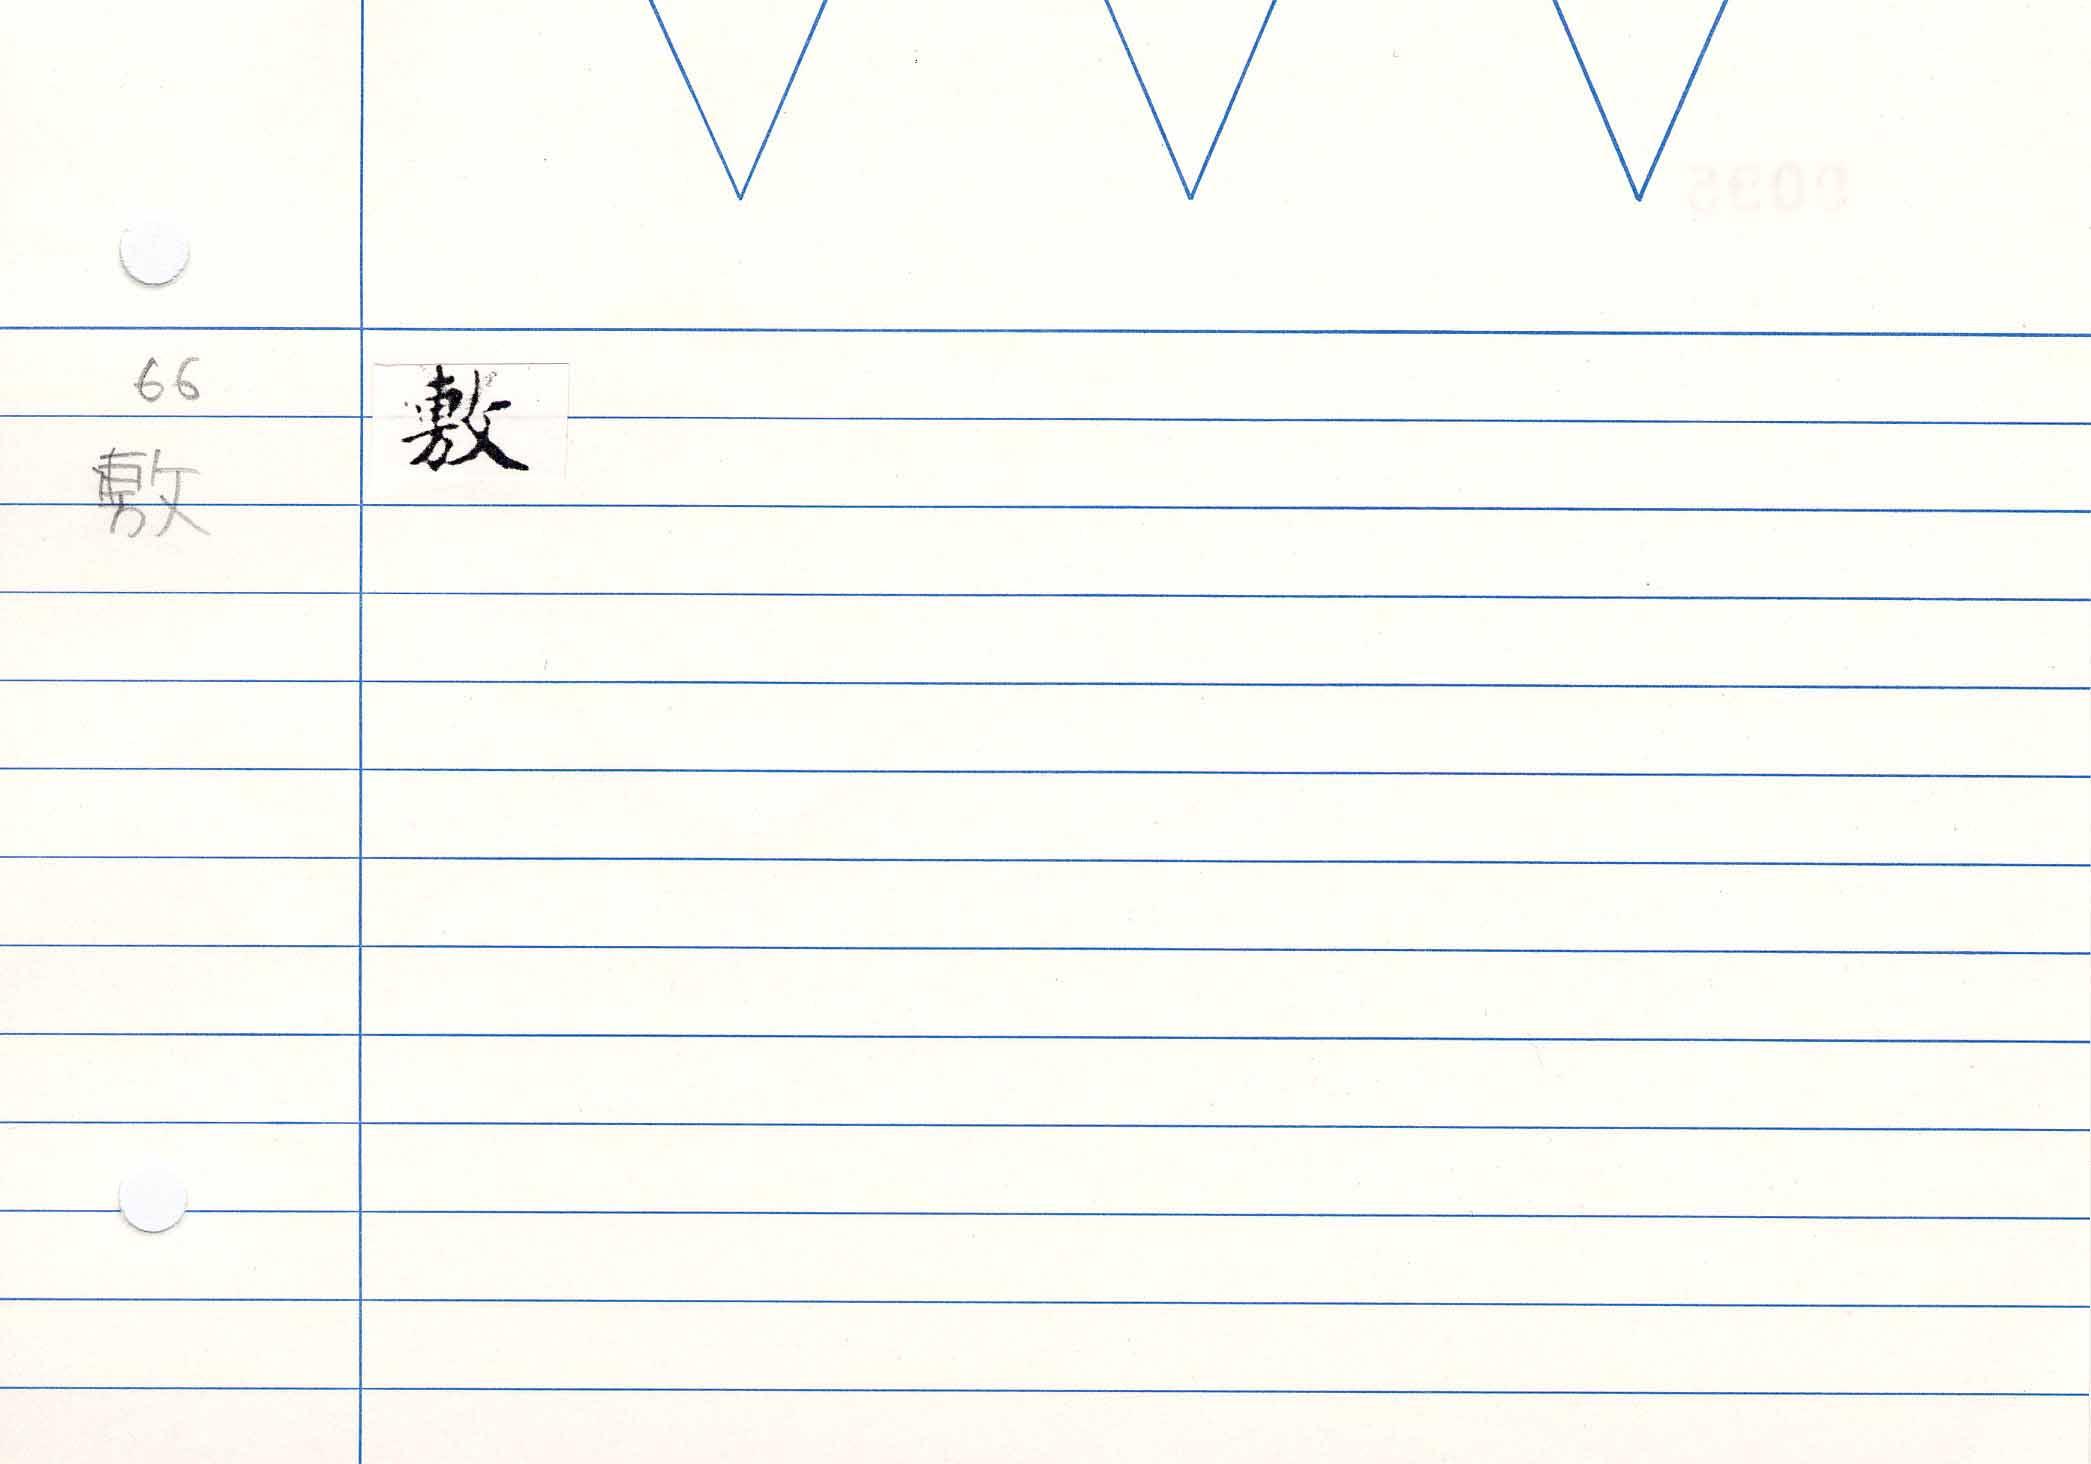 13_妙法蓮華經卷八(S.2577)/cards/0095.jpg